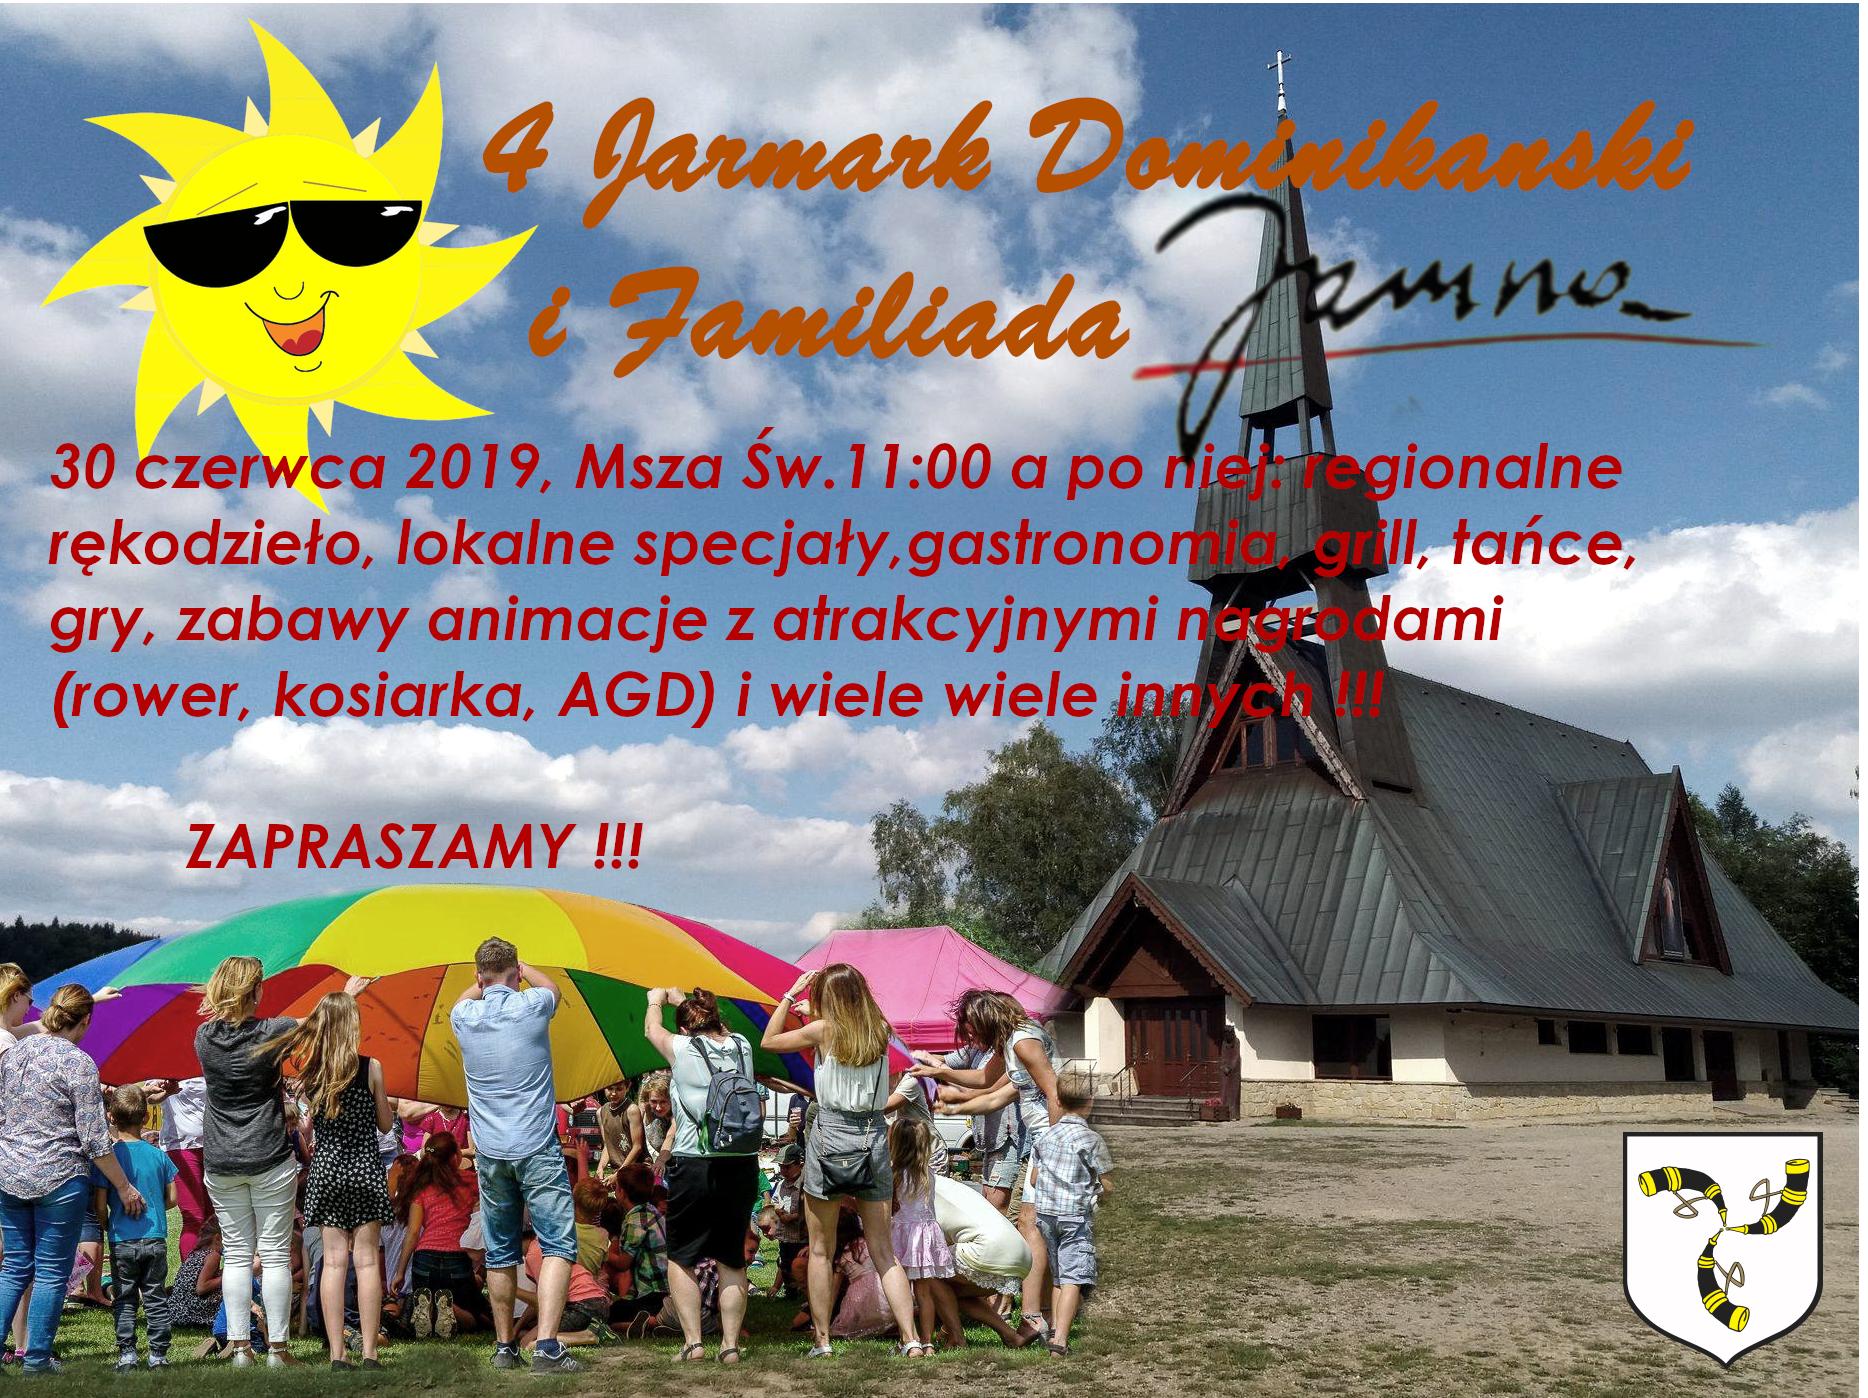 4 Jarmark Dominikański, niedziela 30 czerwca 2019 r., plakat